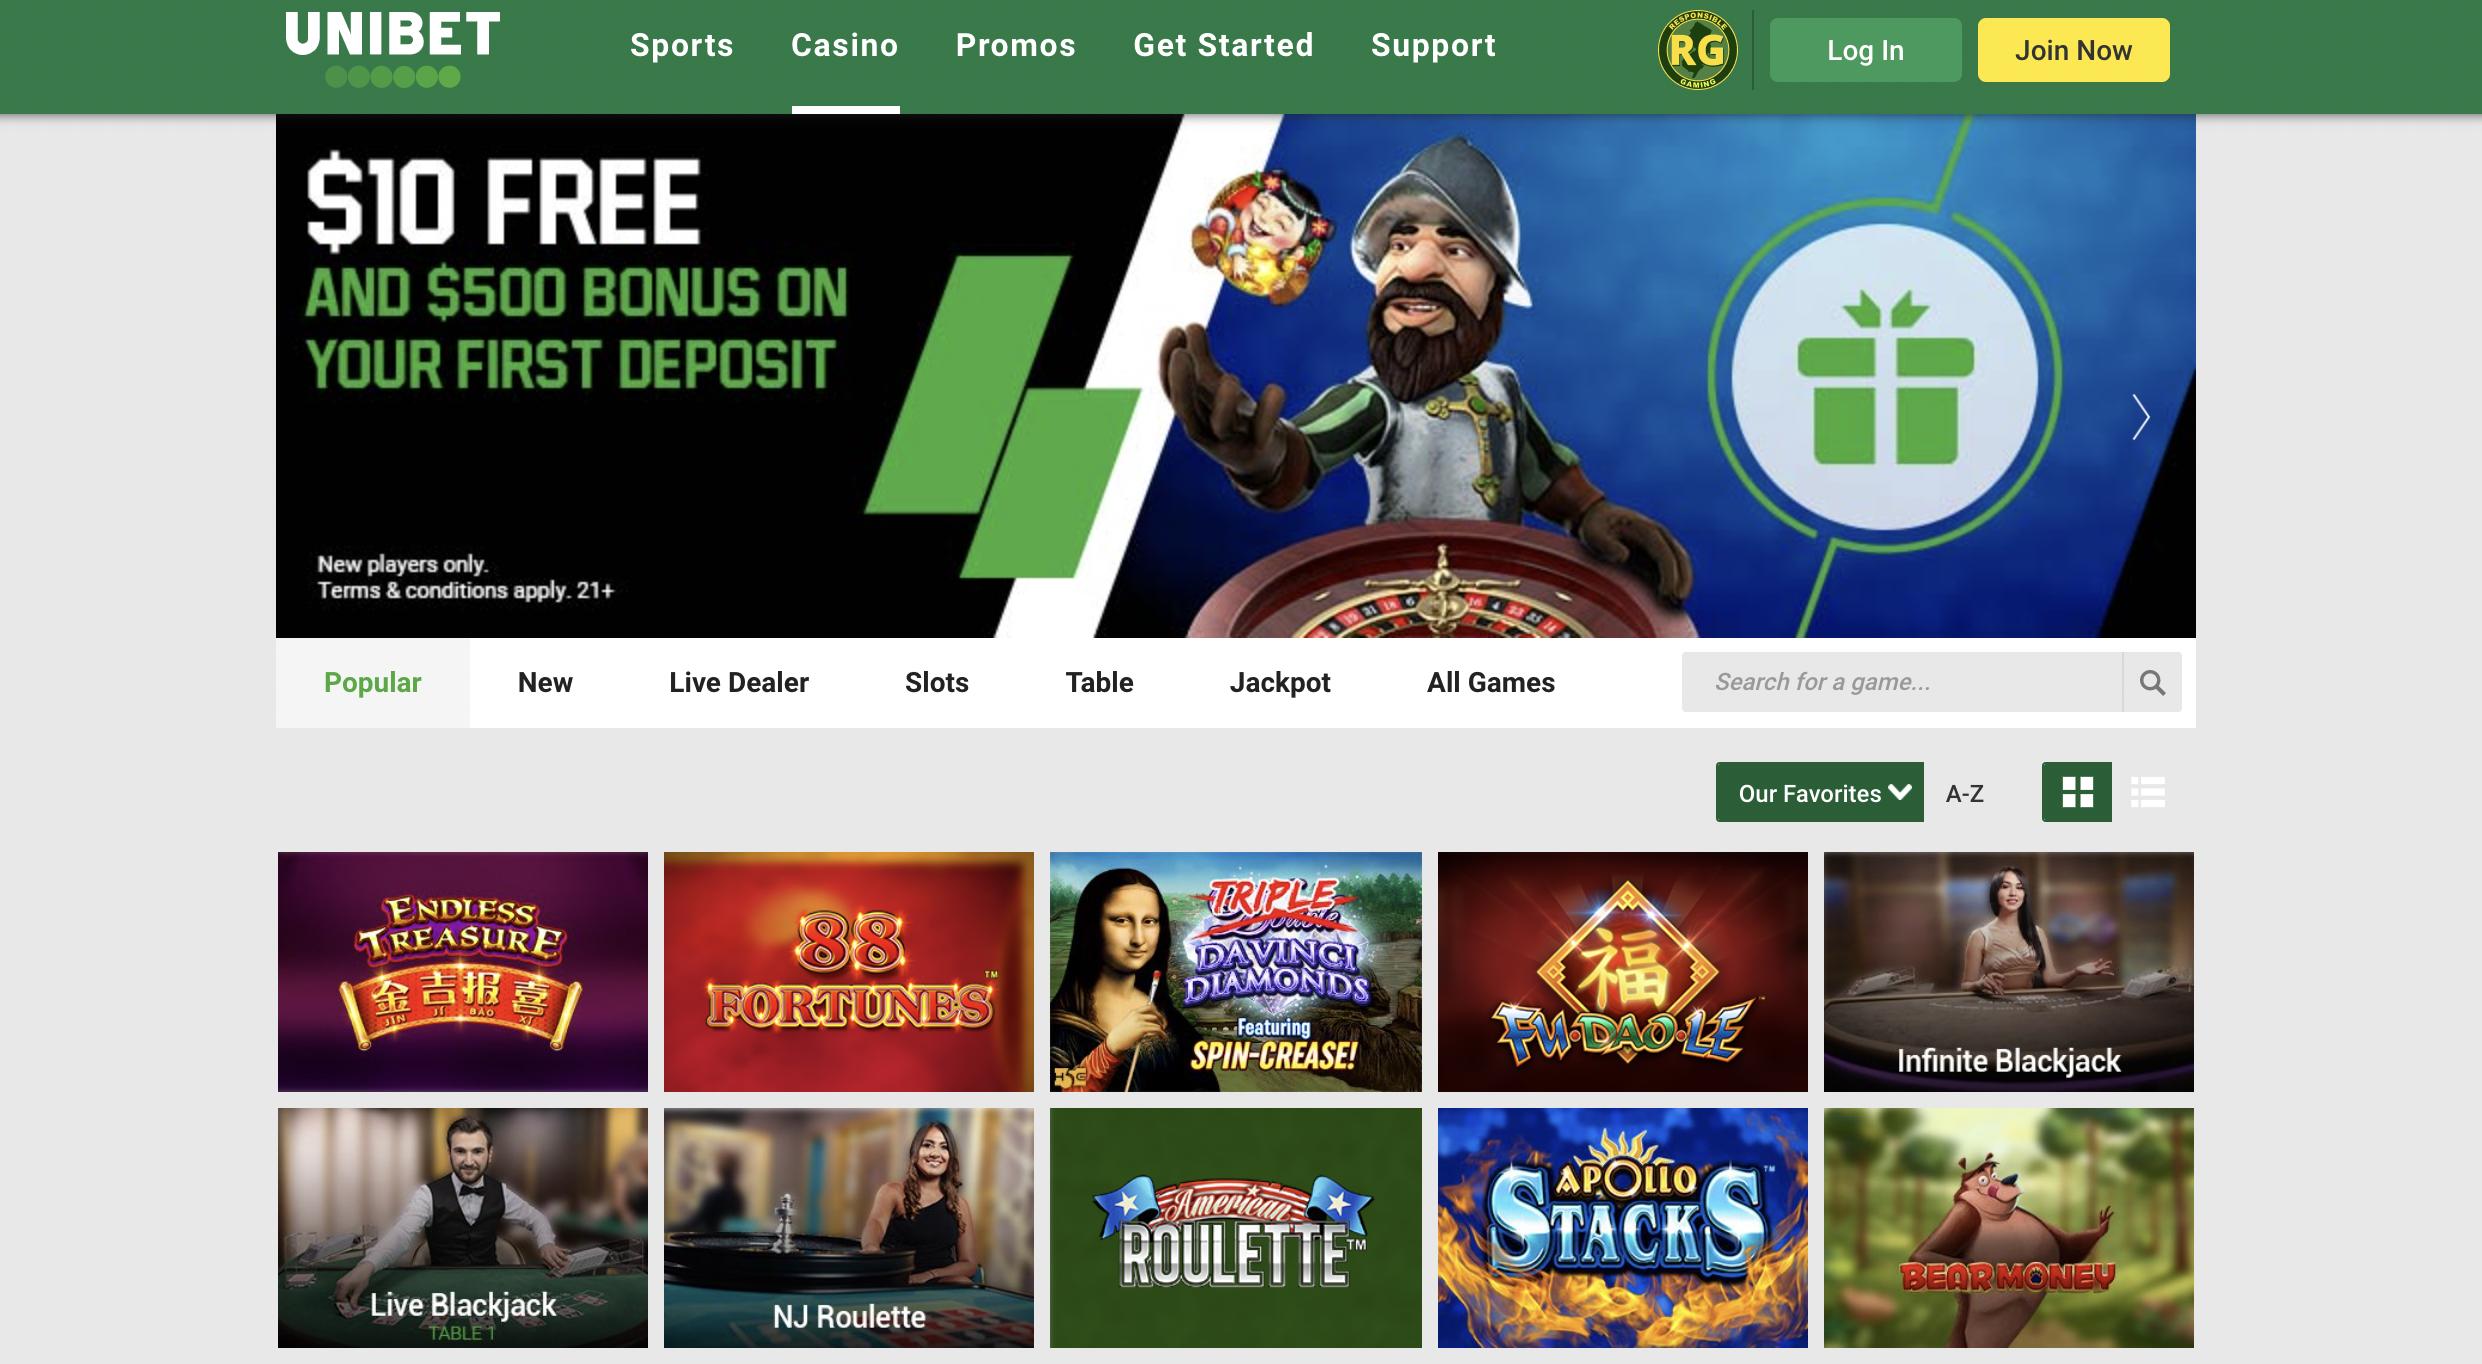 Unibet Online Casino - Join Now Homepage